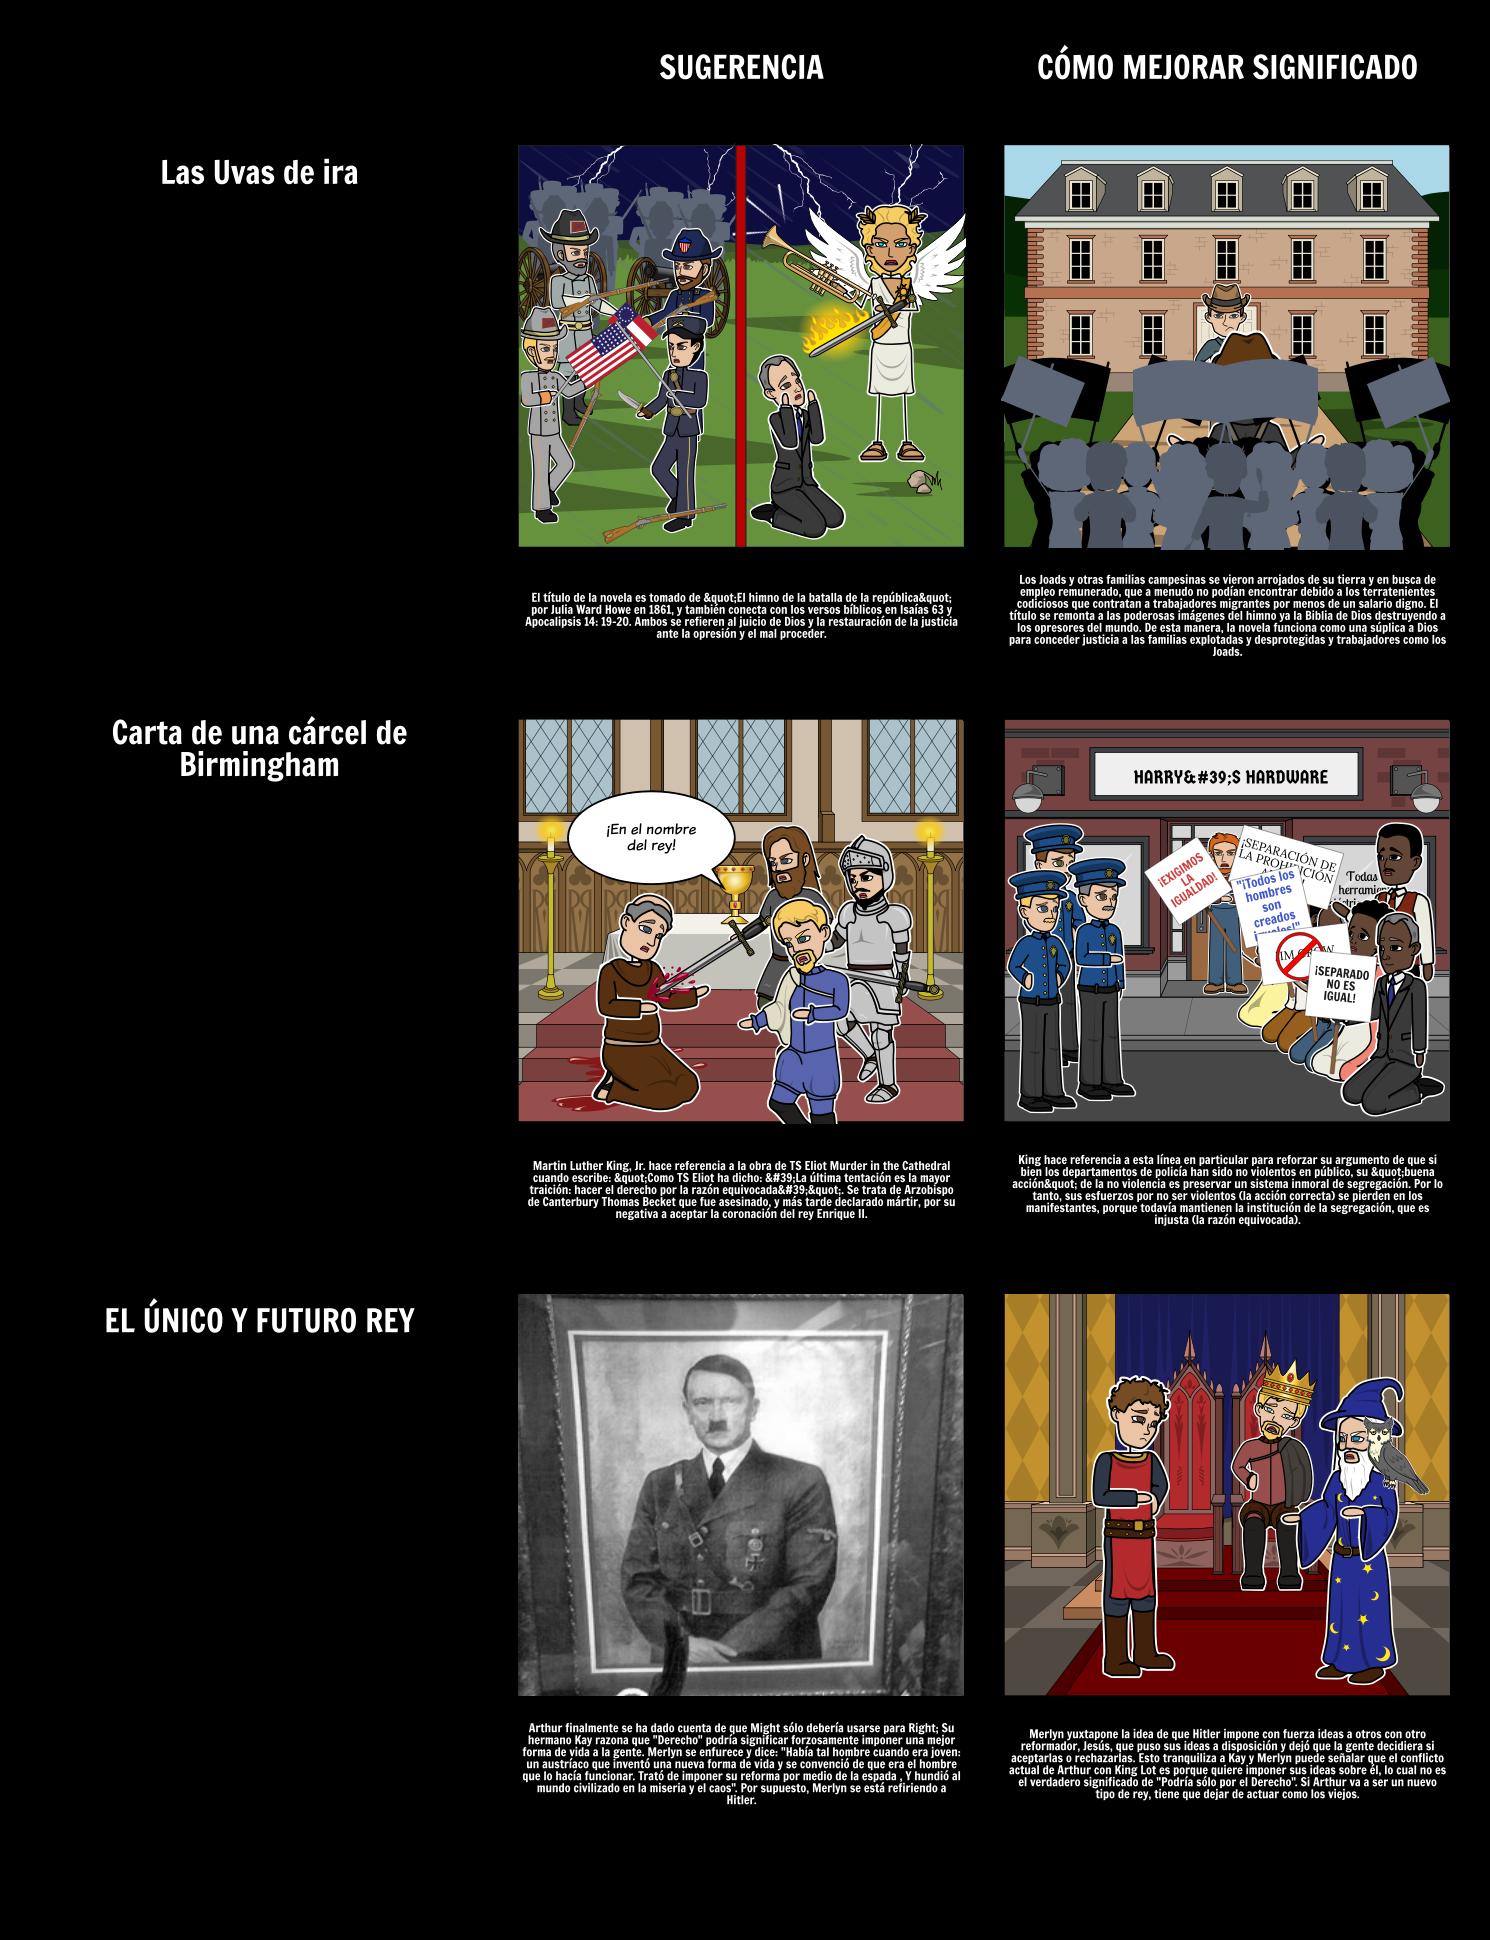 Ejemplos de Alusiones